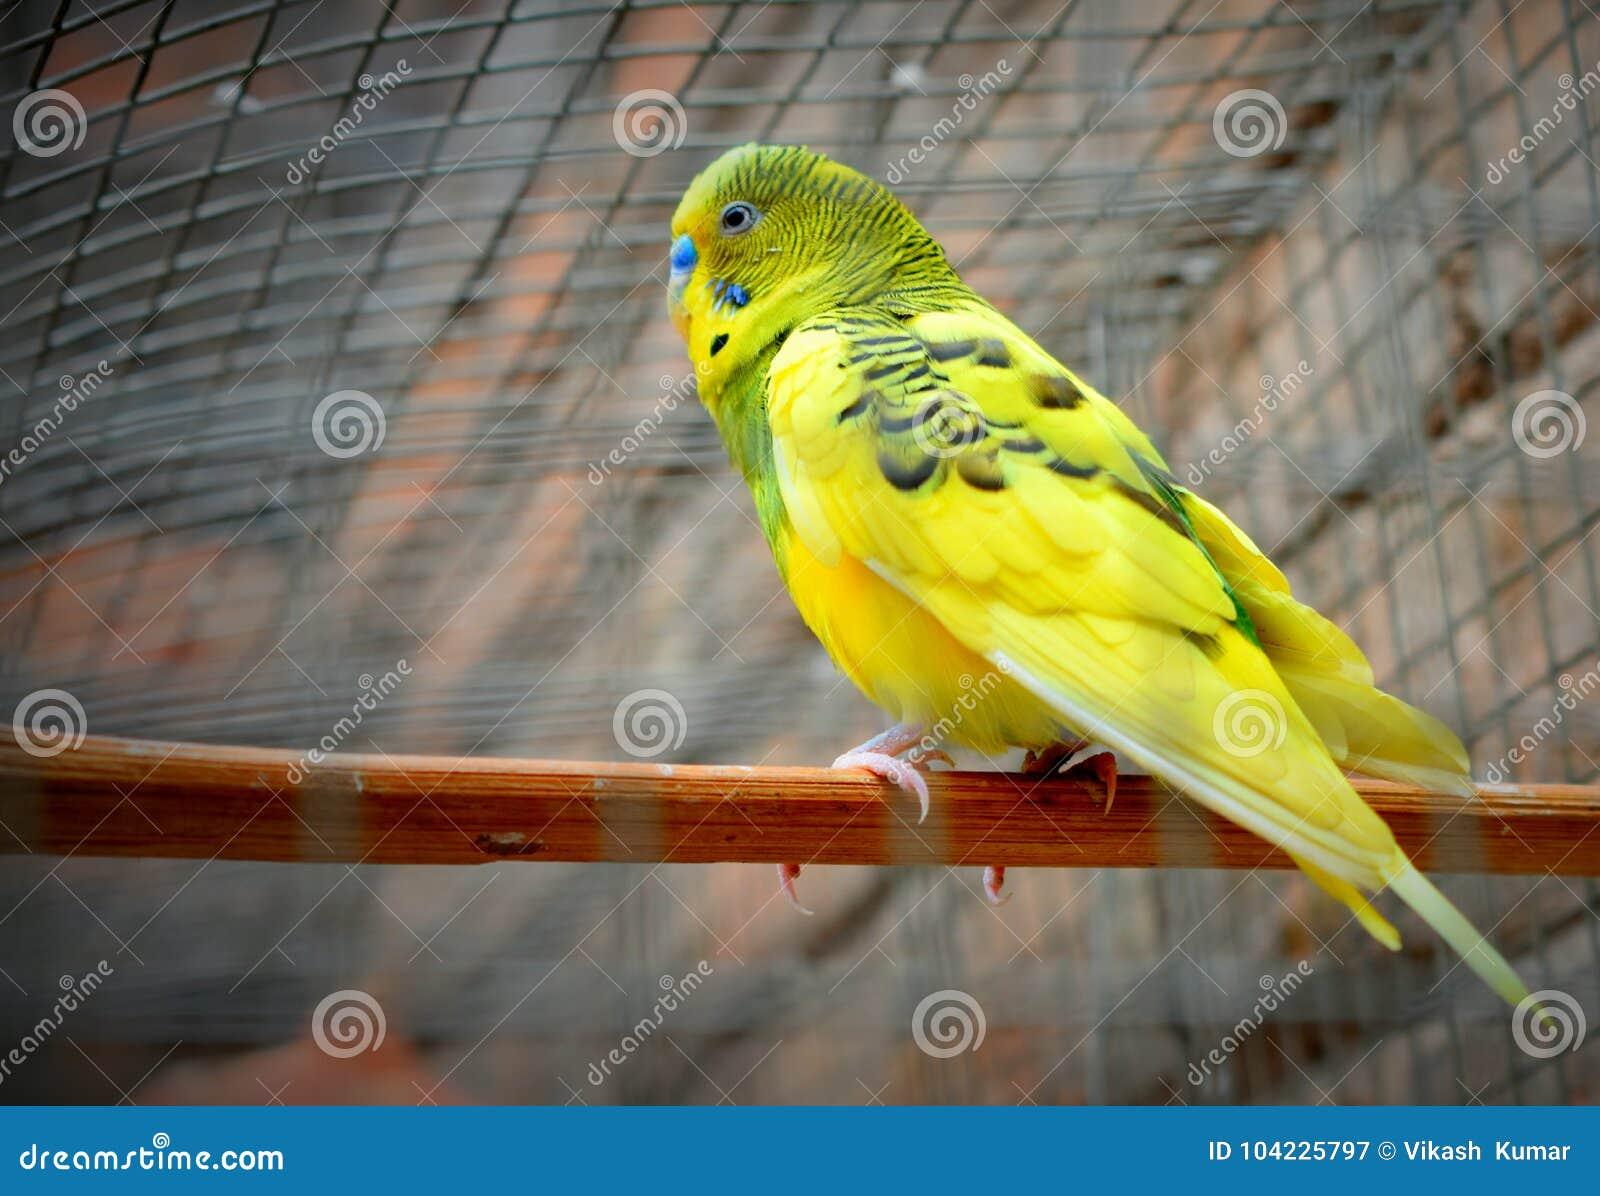 Grasparkiet een mooie gele vogel